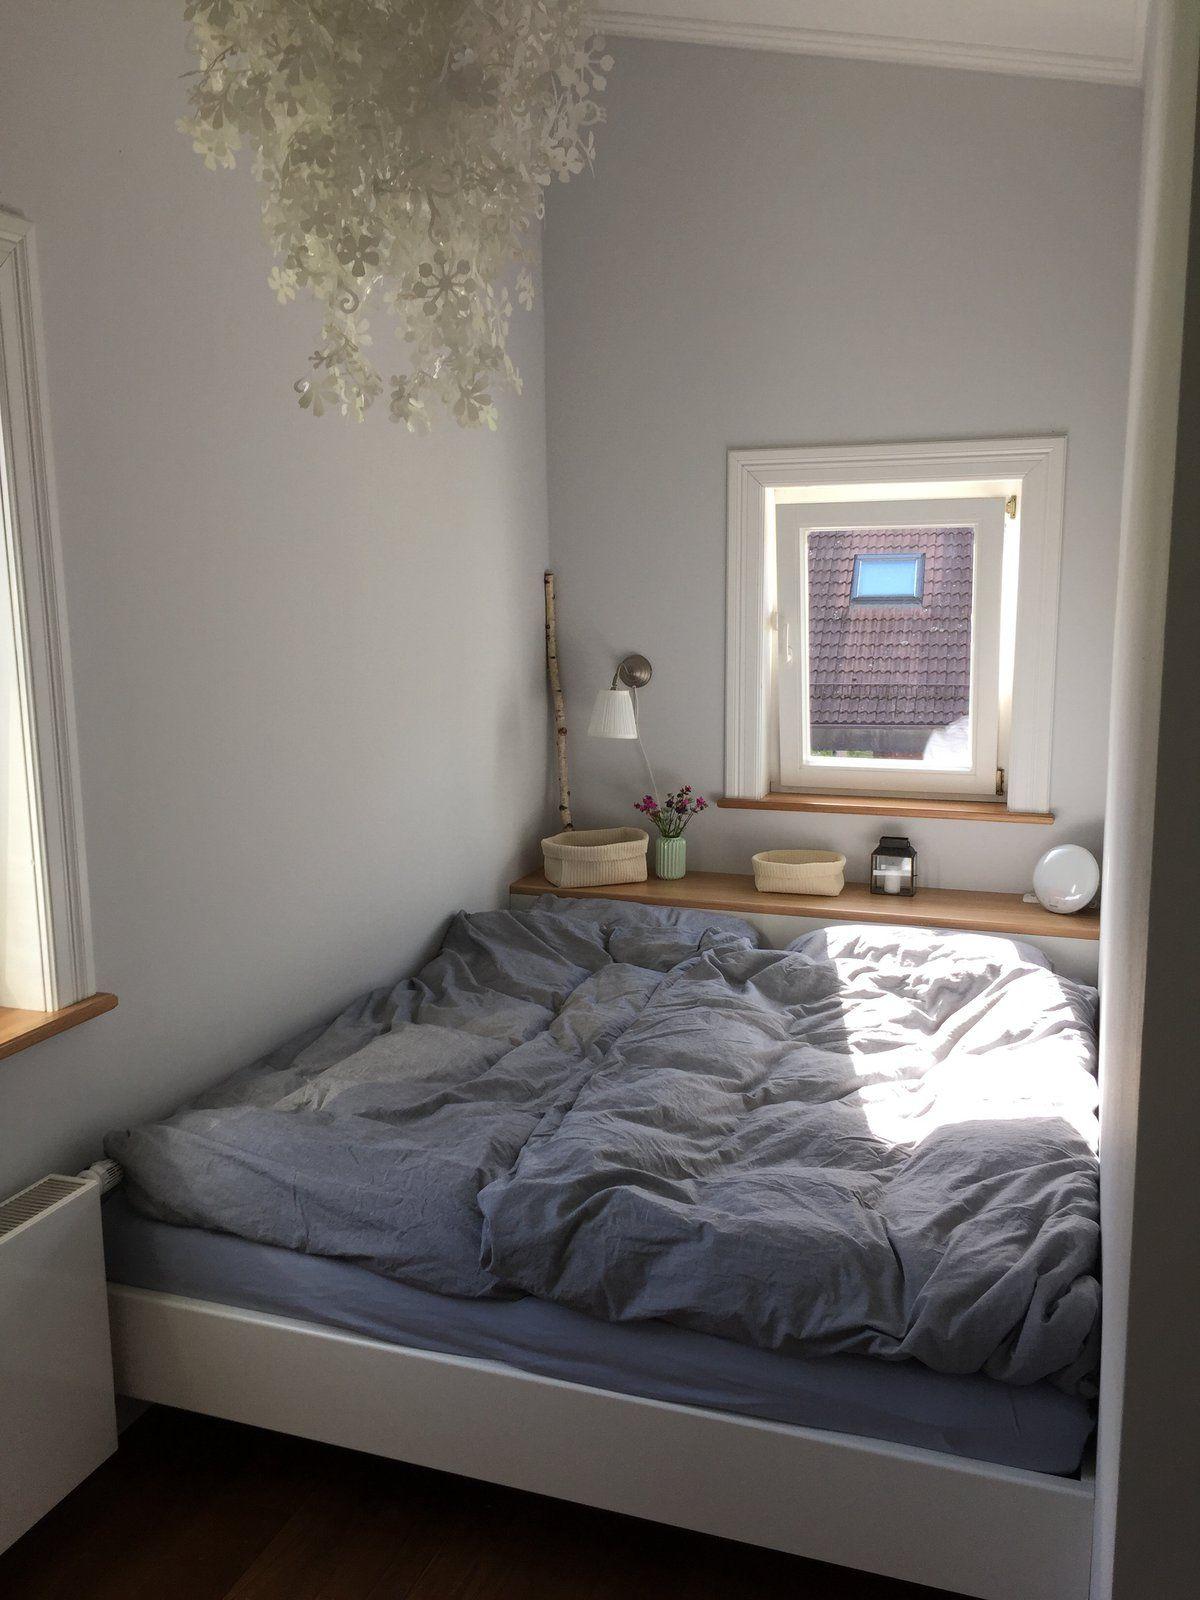 Kleines Schlafzimmer Grosses Bett